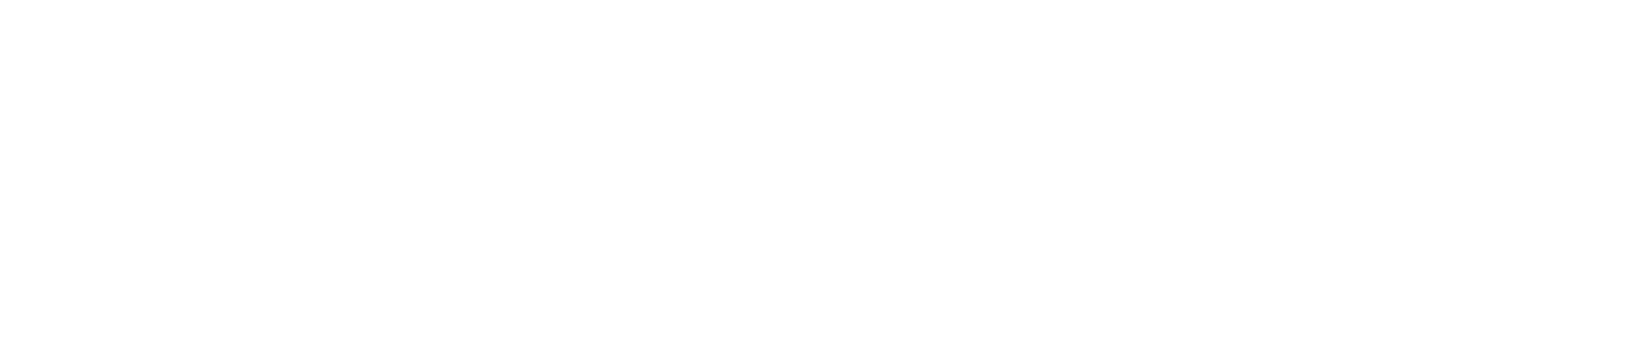 Boekhandel-Oostdijk-logo-2020-white